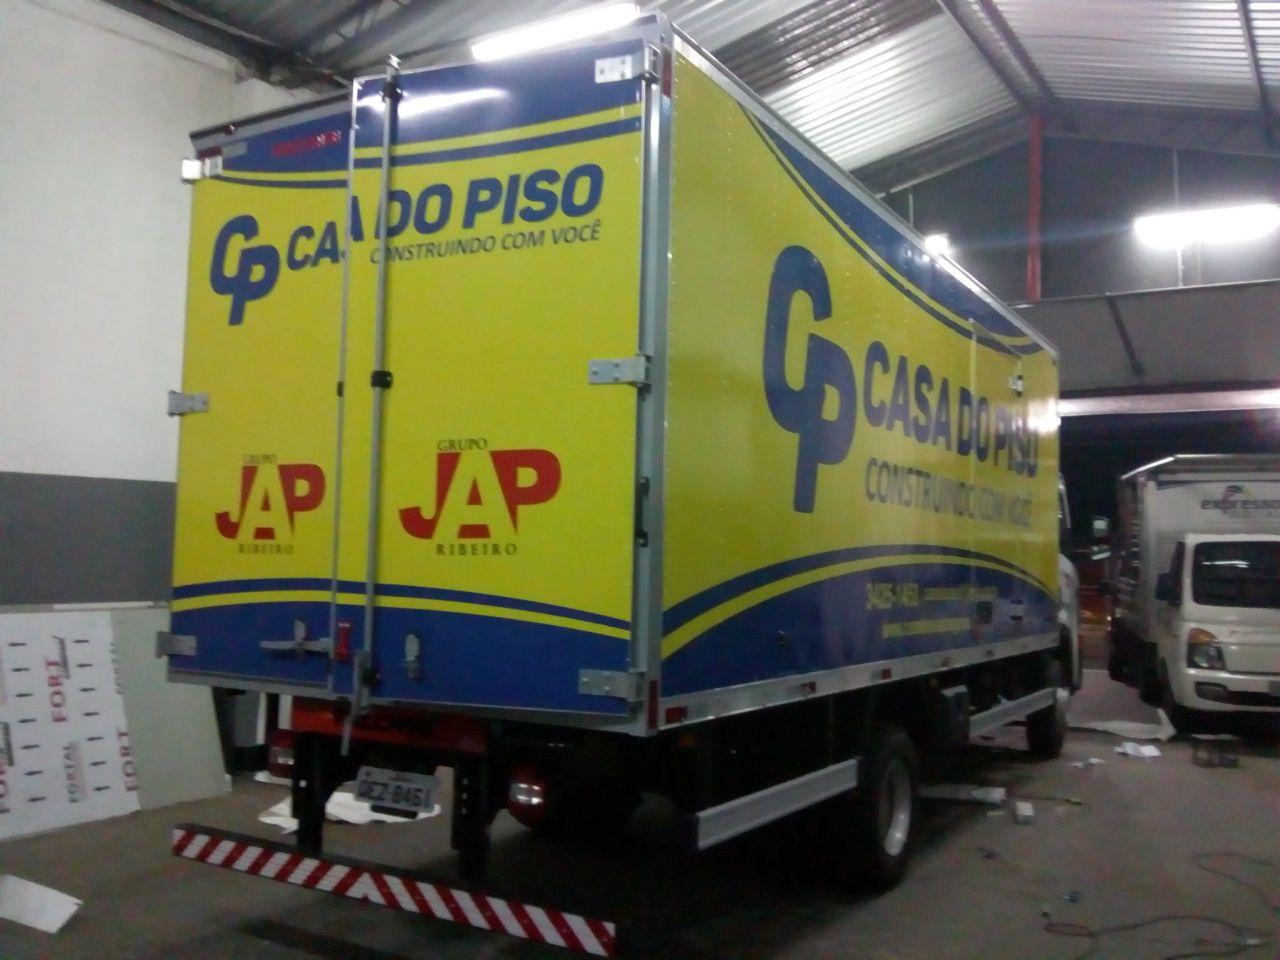 Adesivo-Casa-dos-Pisos-02